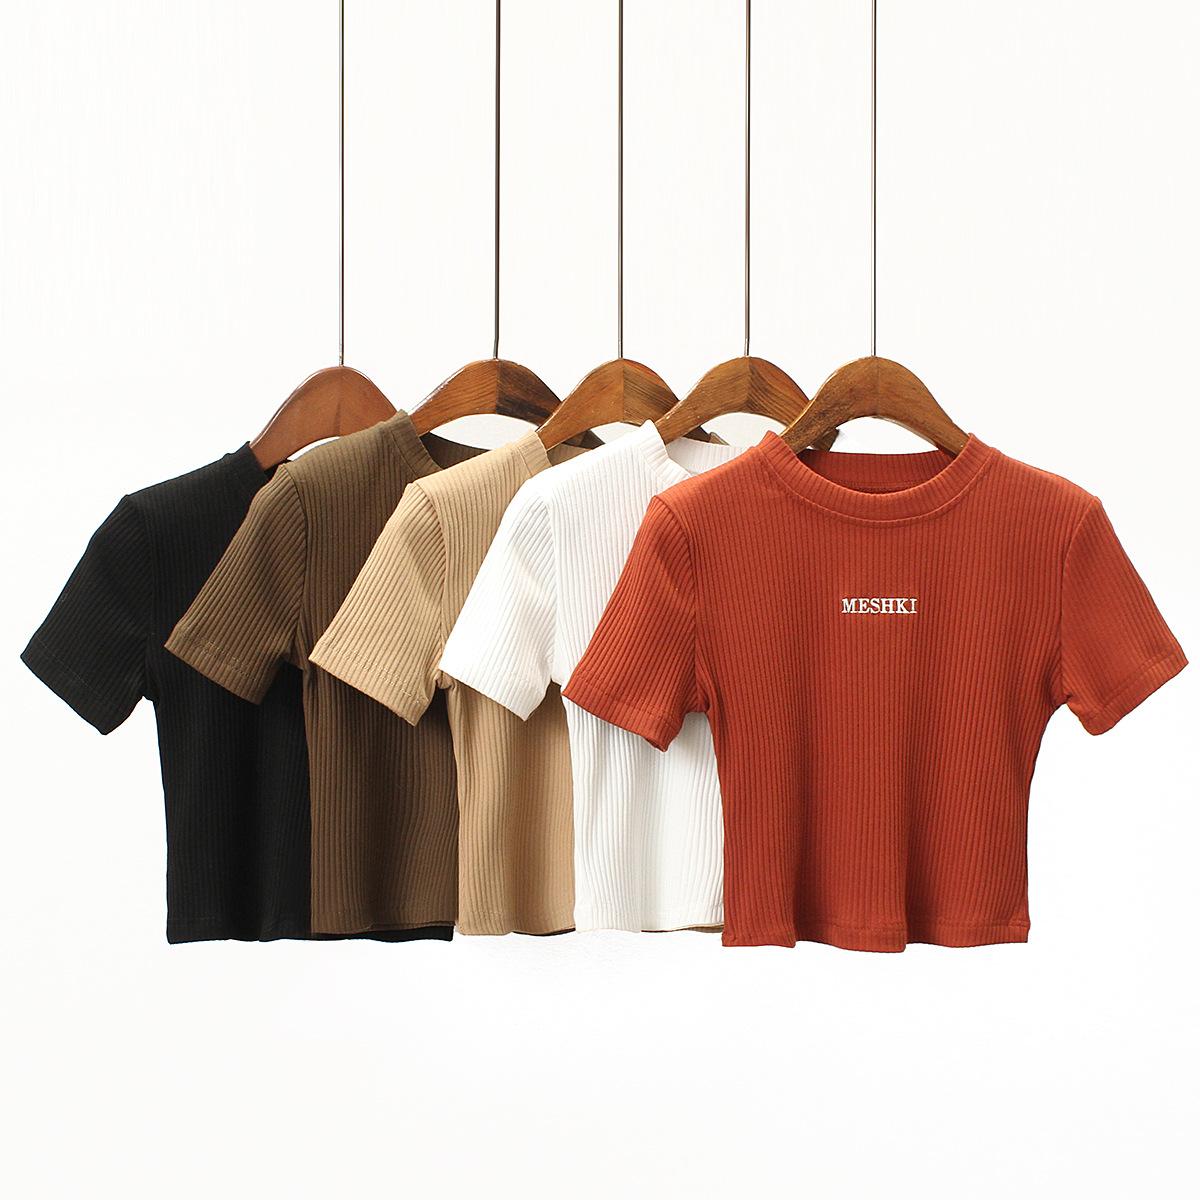 2019 Womens Casual Short Sleeve Soild Basic Crop Top T-Shirt